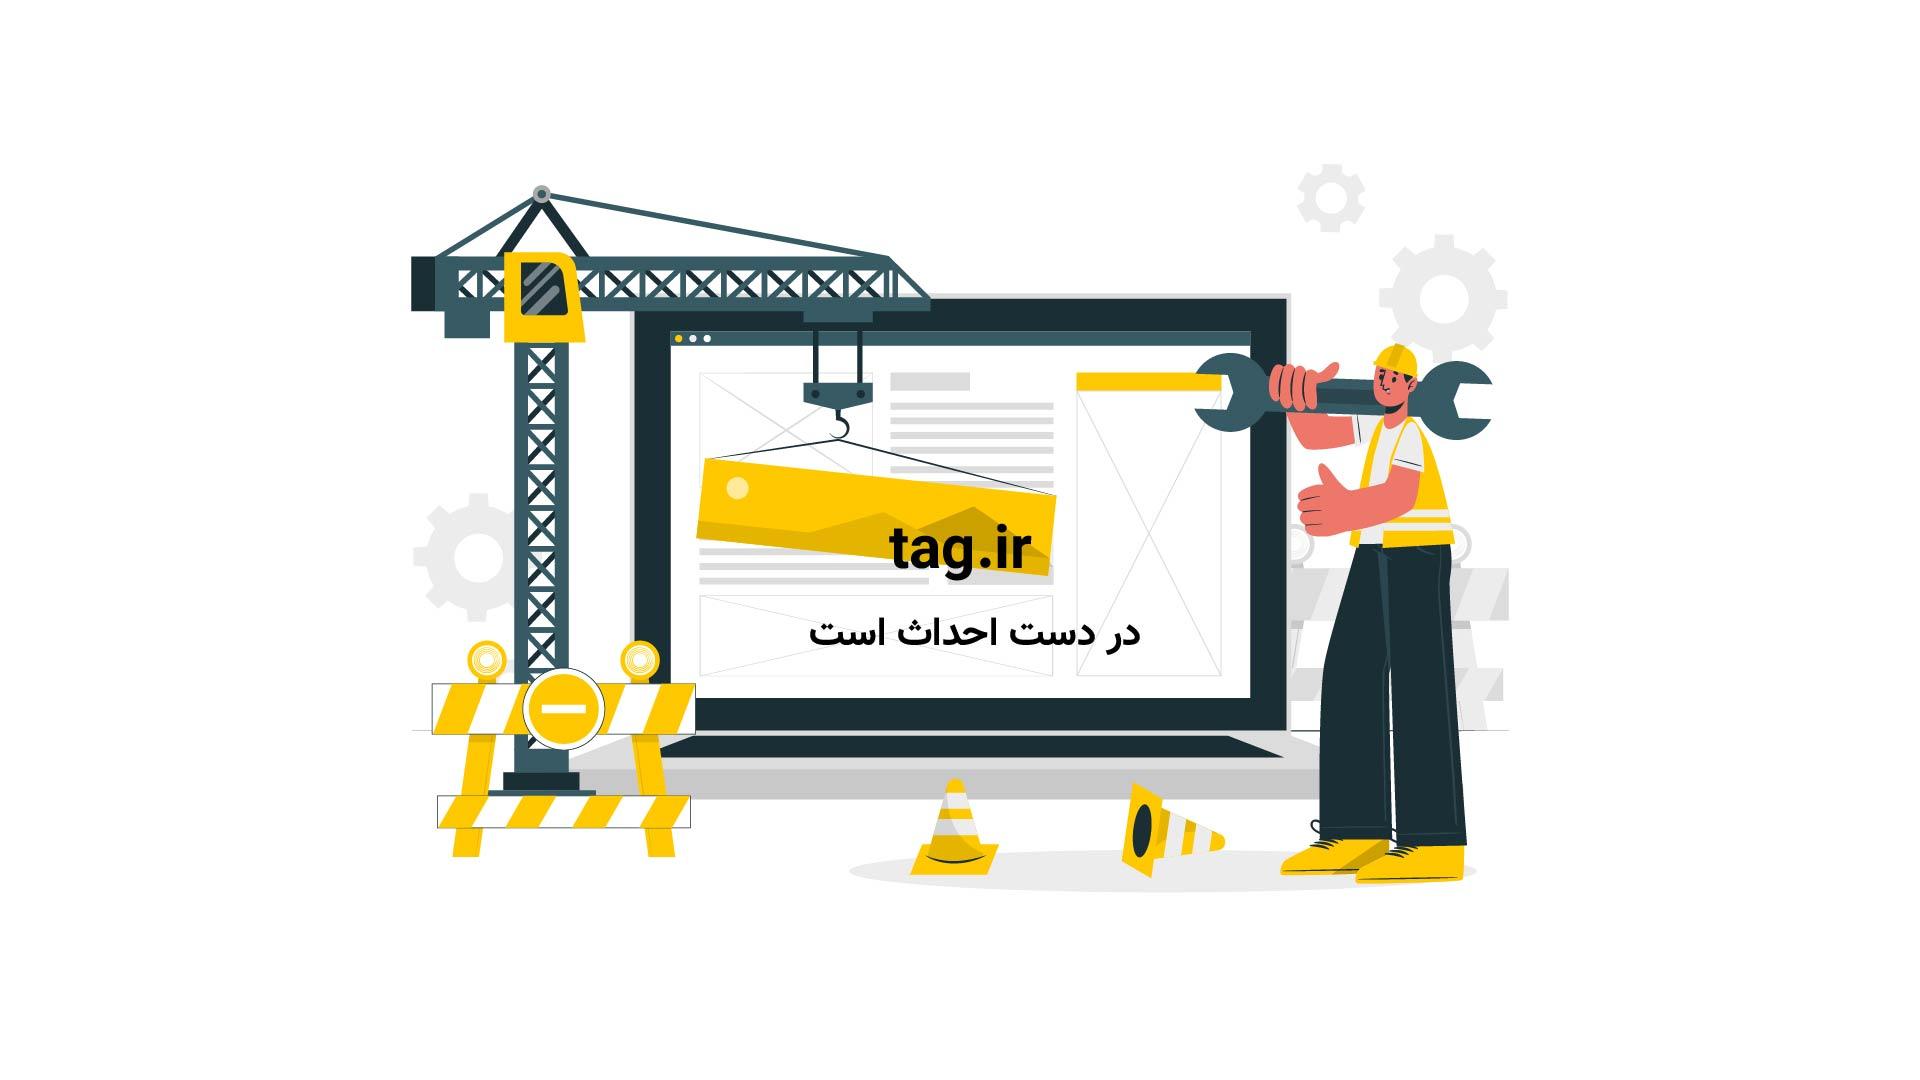 نقاشی کوآلا